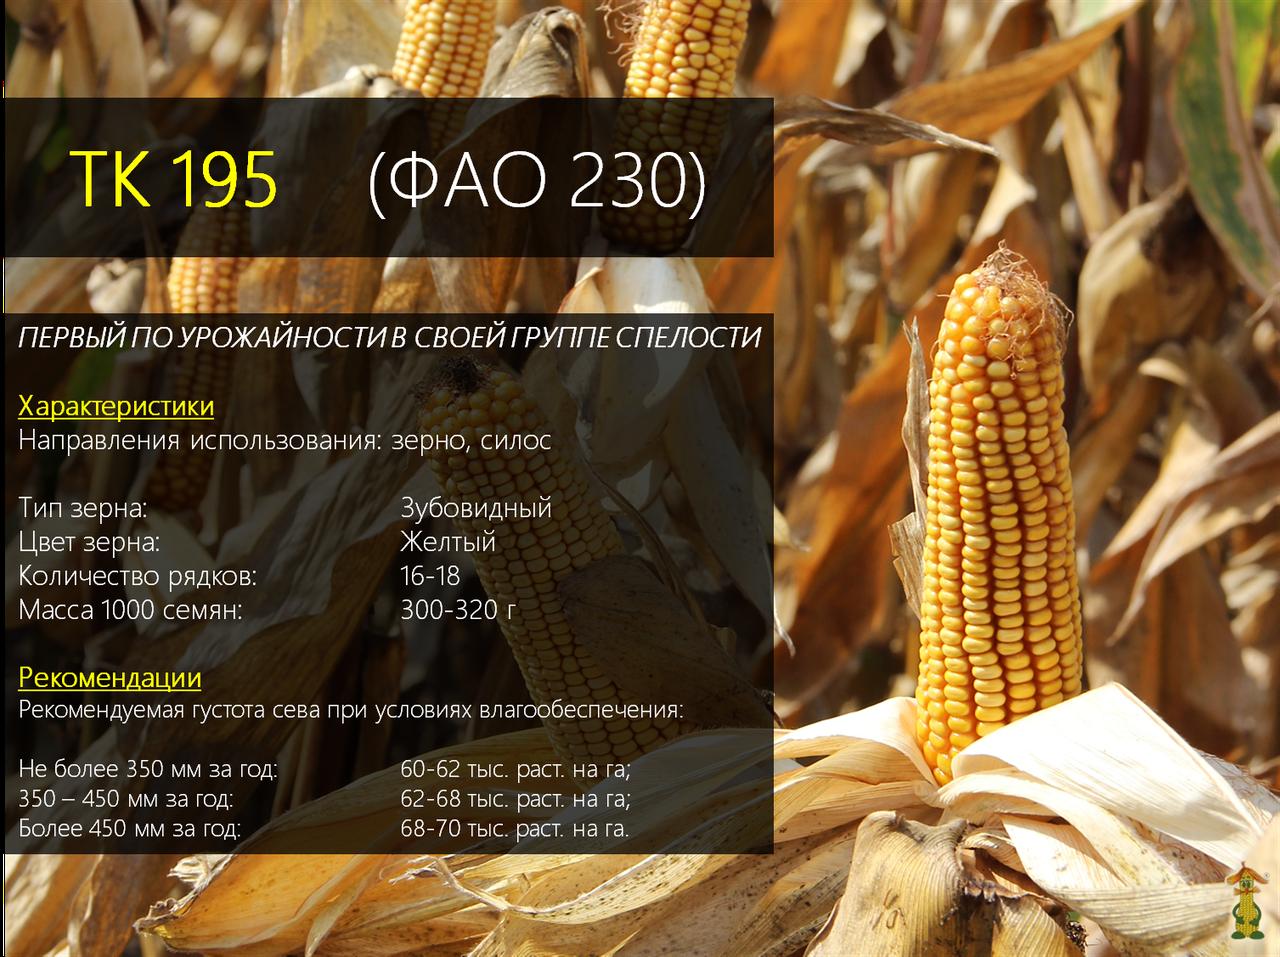 Гибрид импортной кукурузы Вудсток ТК 195 - ФАО 230 (2019)